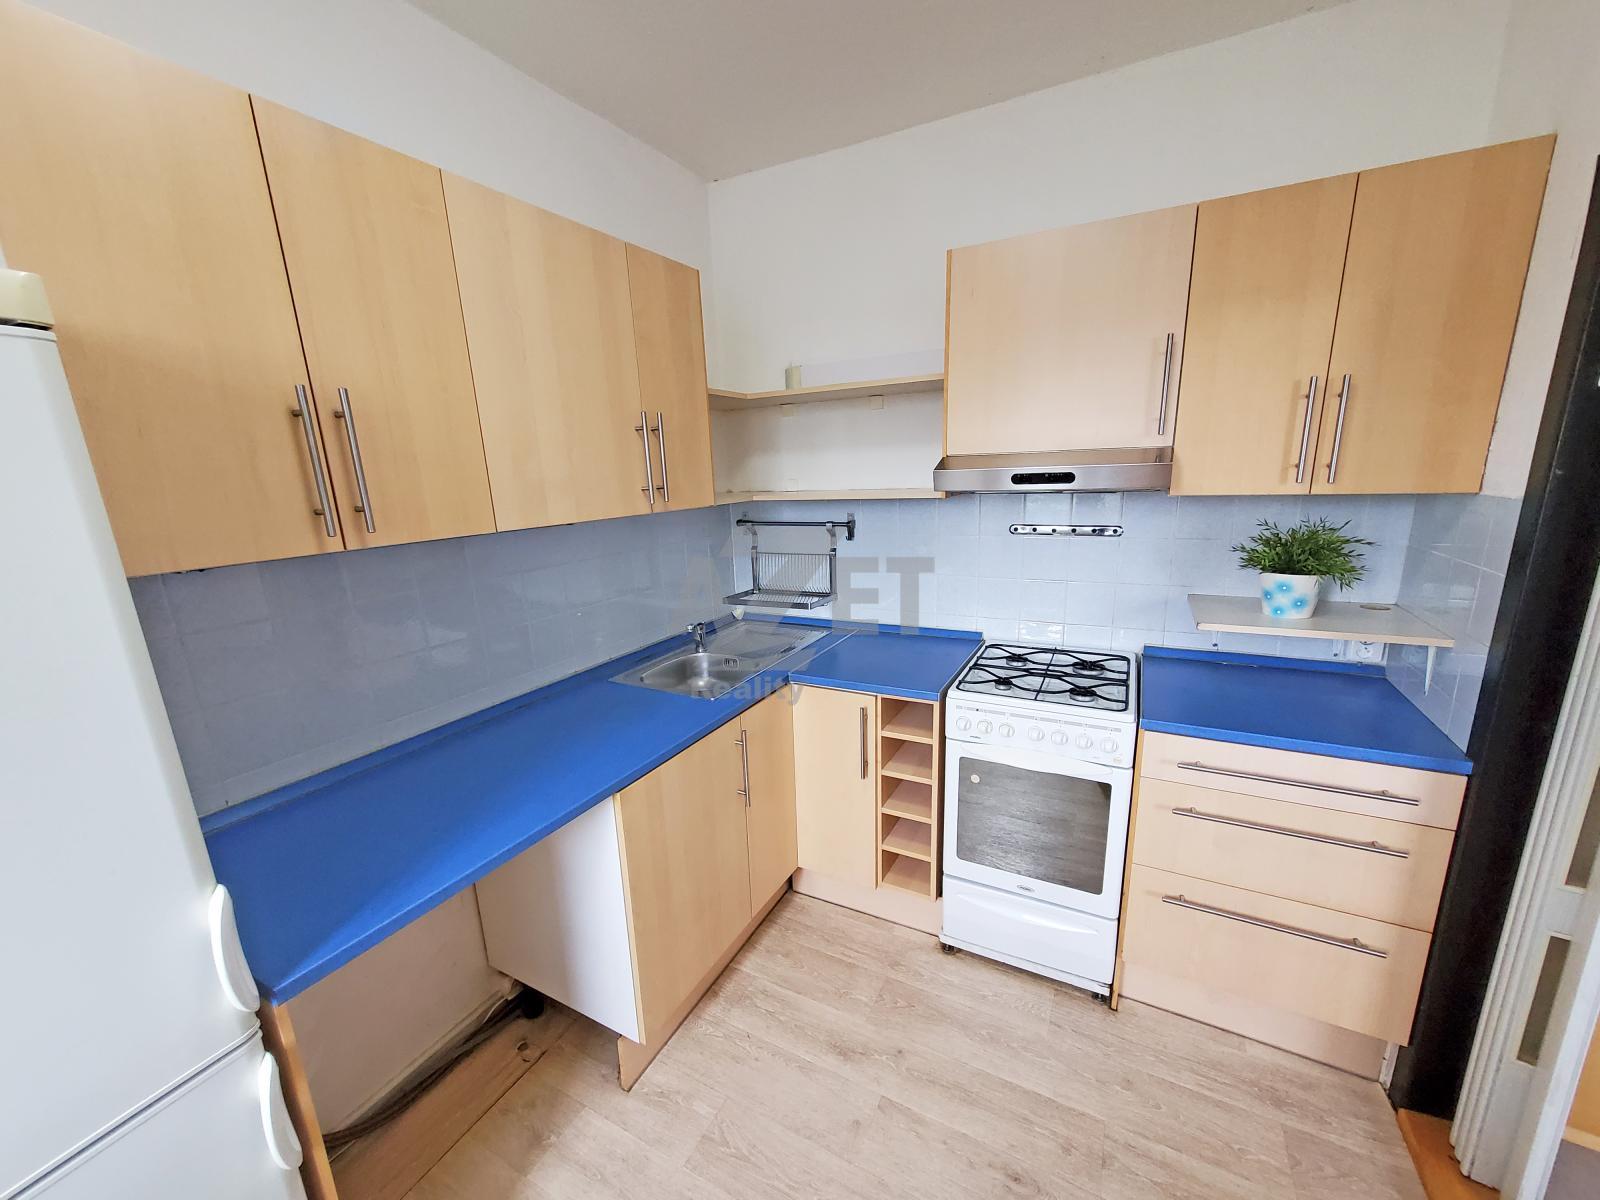 Prodej, byt 2+1, 44 m2, ul. Horymírova, Ostrava - Zábřeh